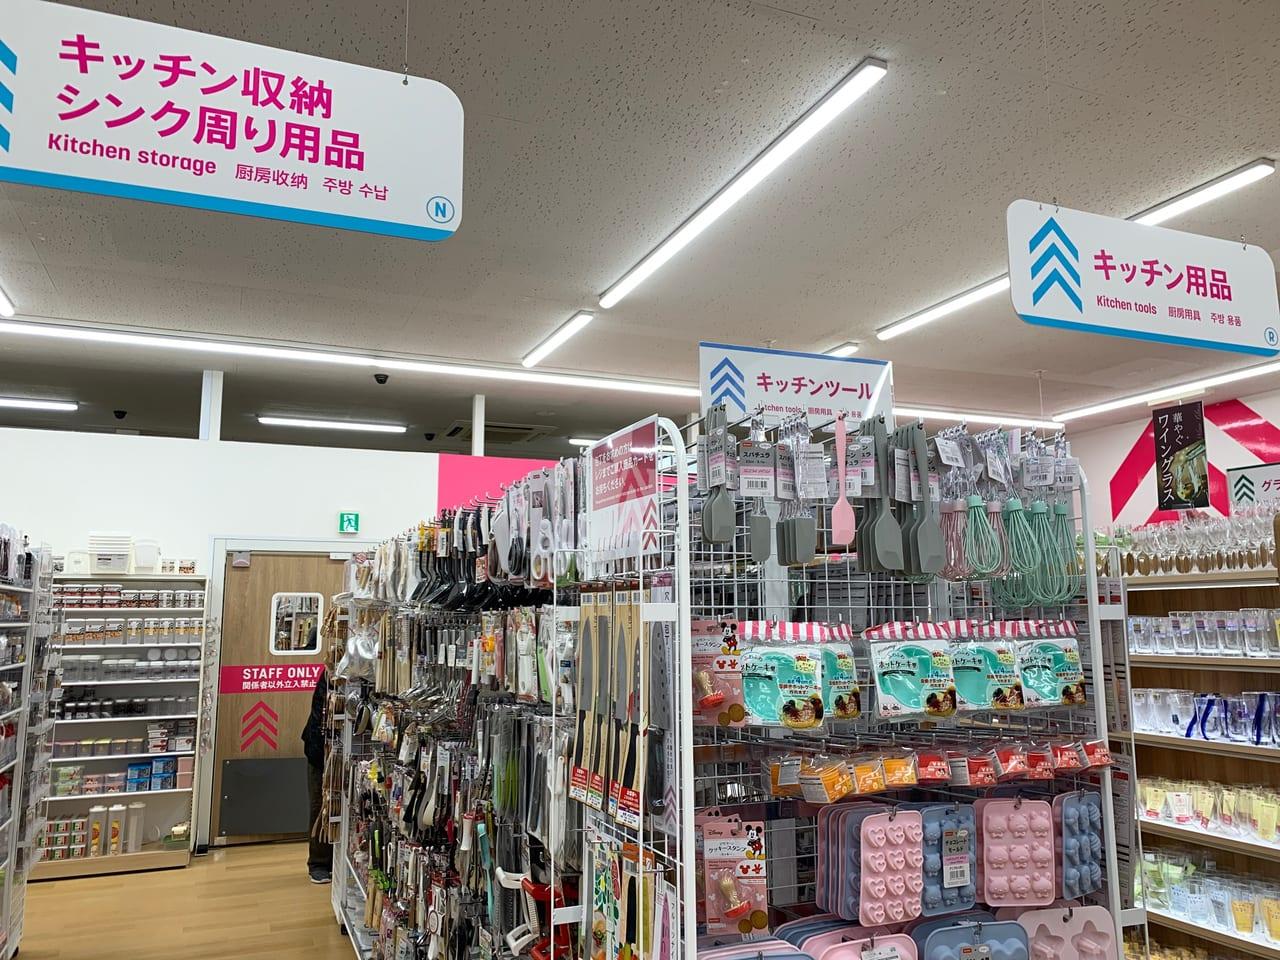 ダイソー静岡新田キッチン